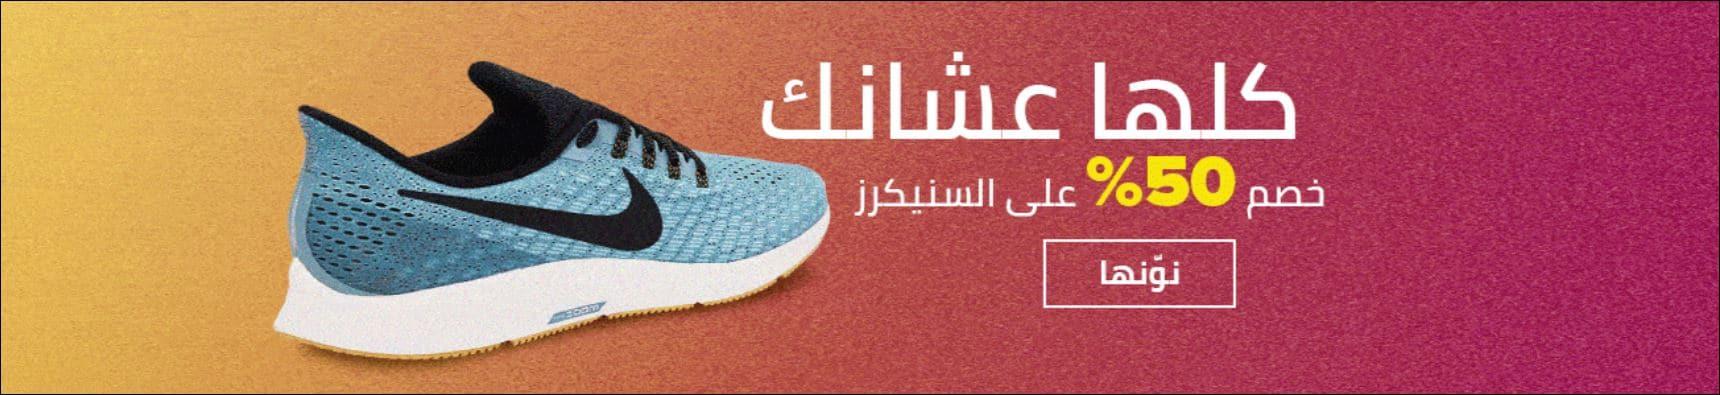 عروض متاجر السعودية 2019 من نون احذية